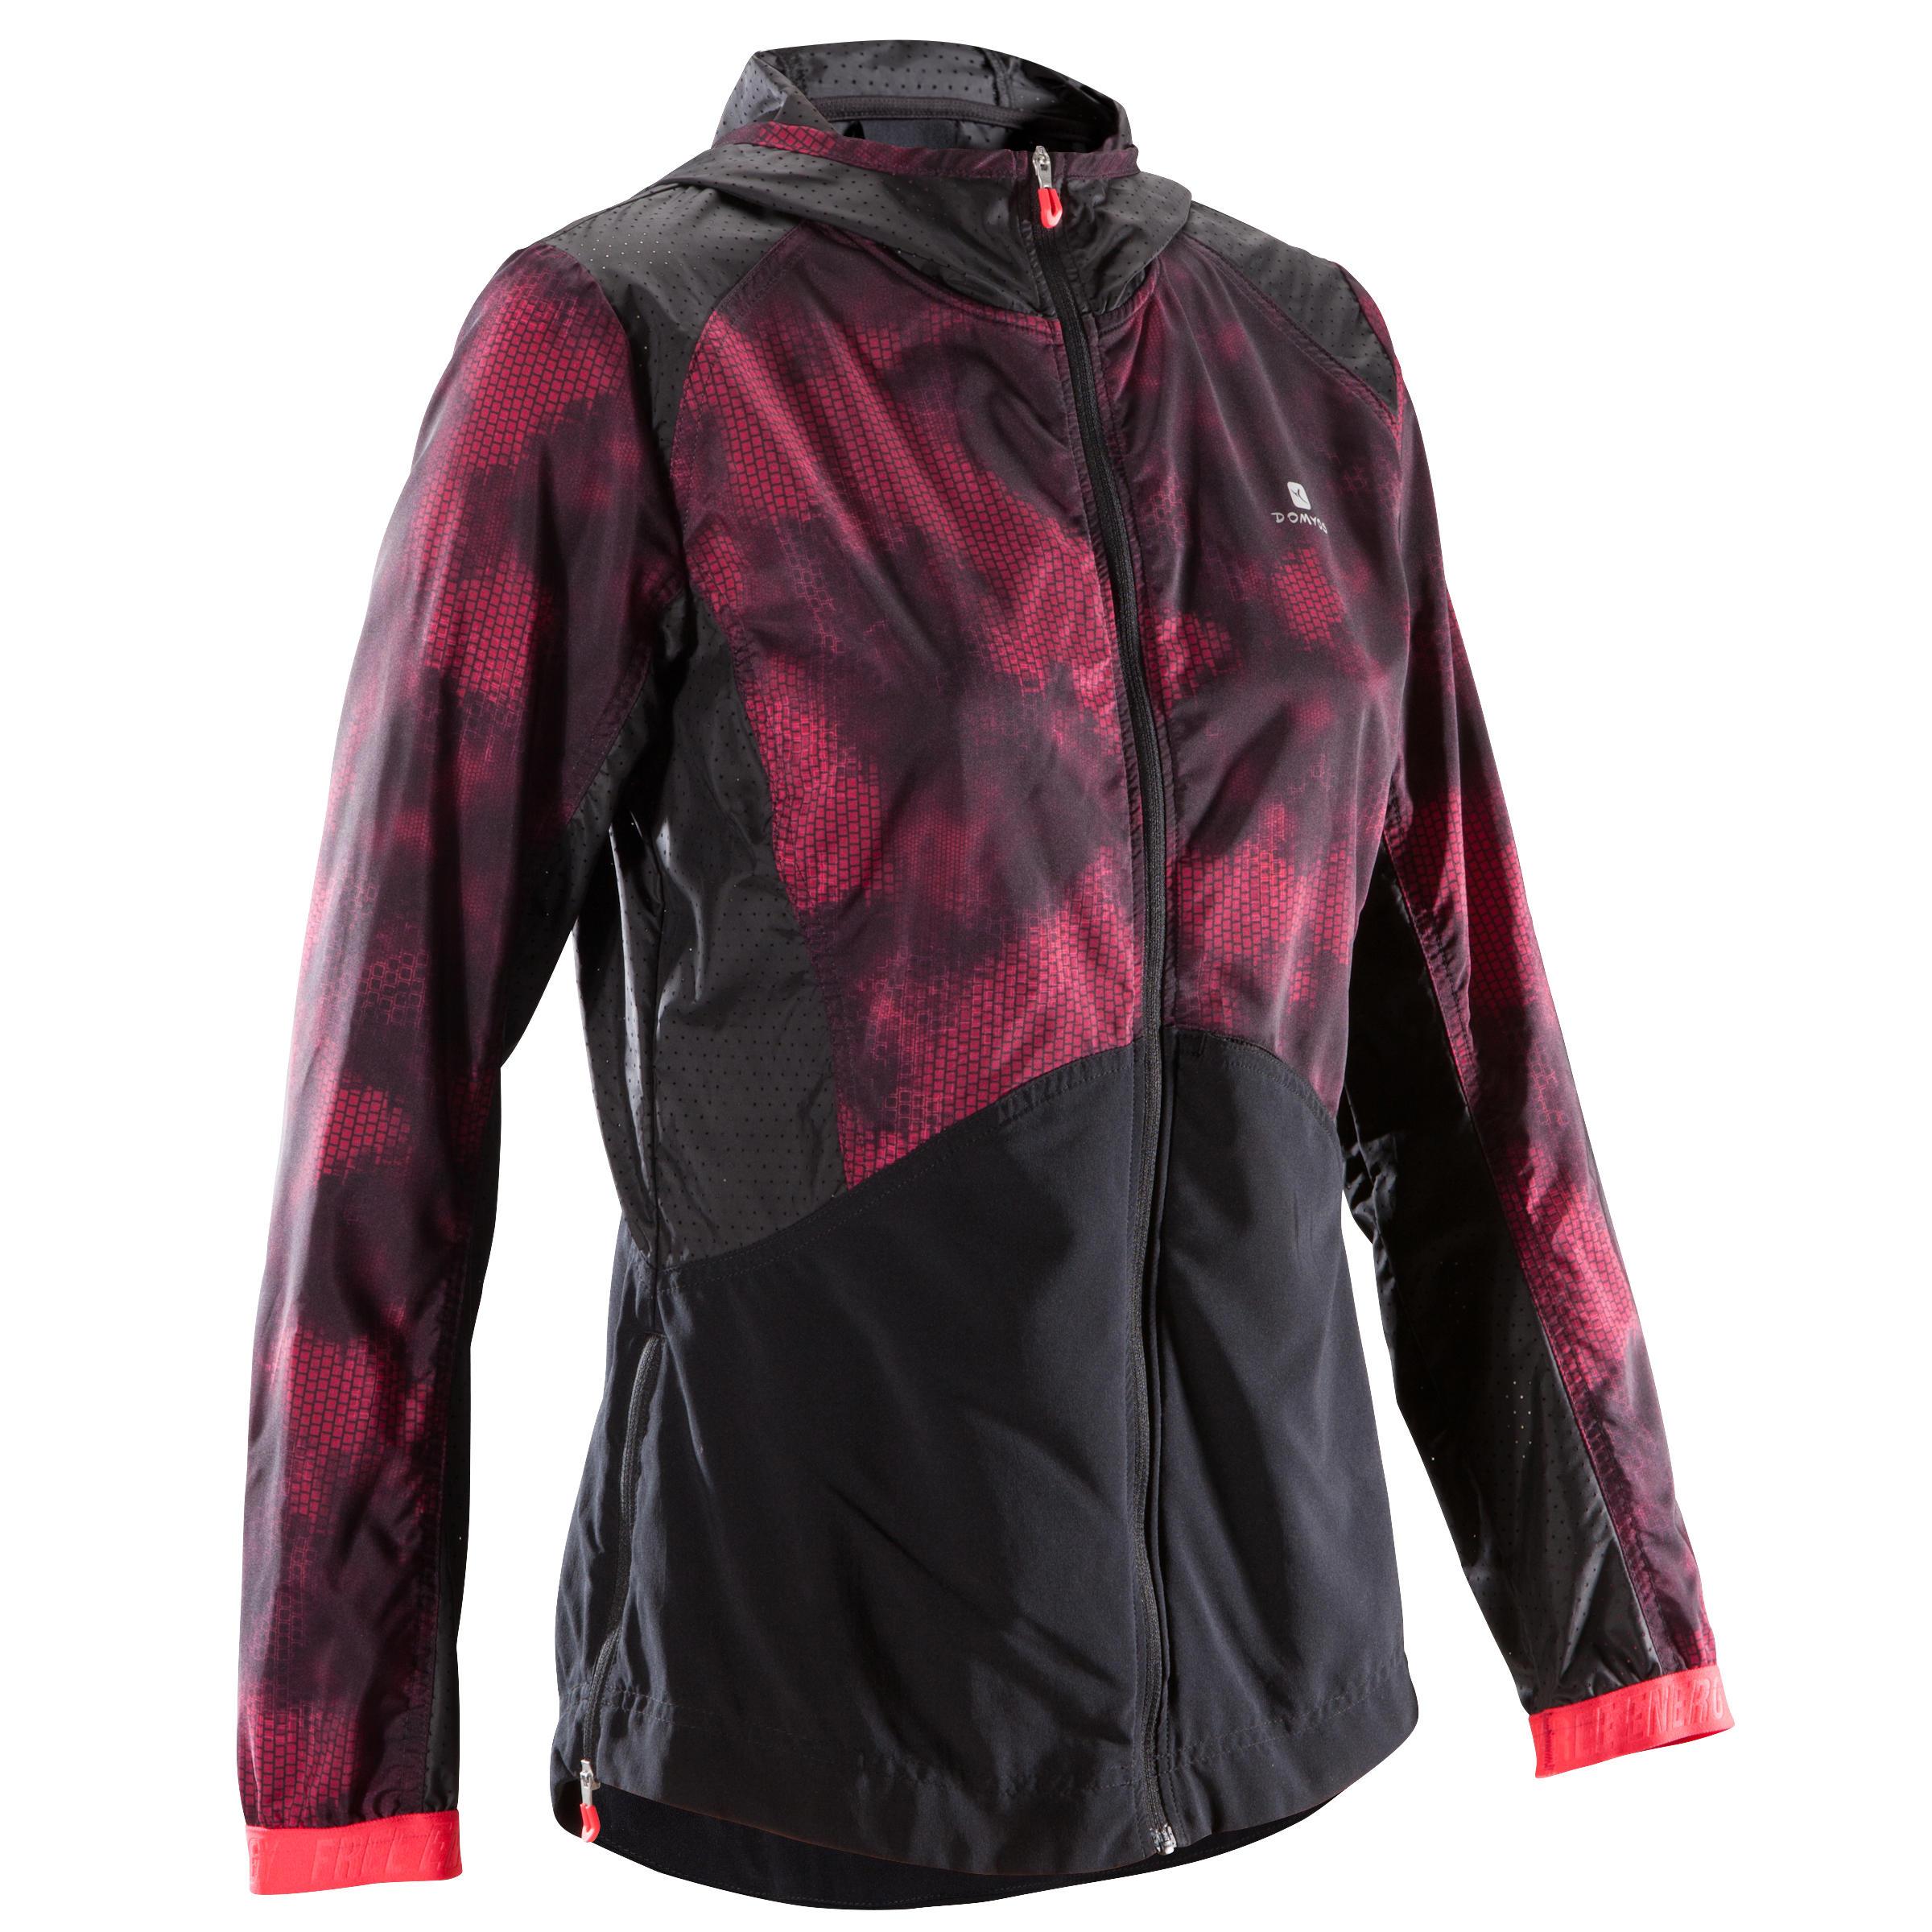 Veste à capuchon d'entraînement cardio femme noire avec imprimés roses 520